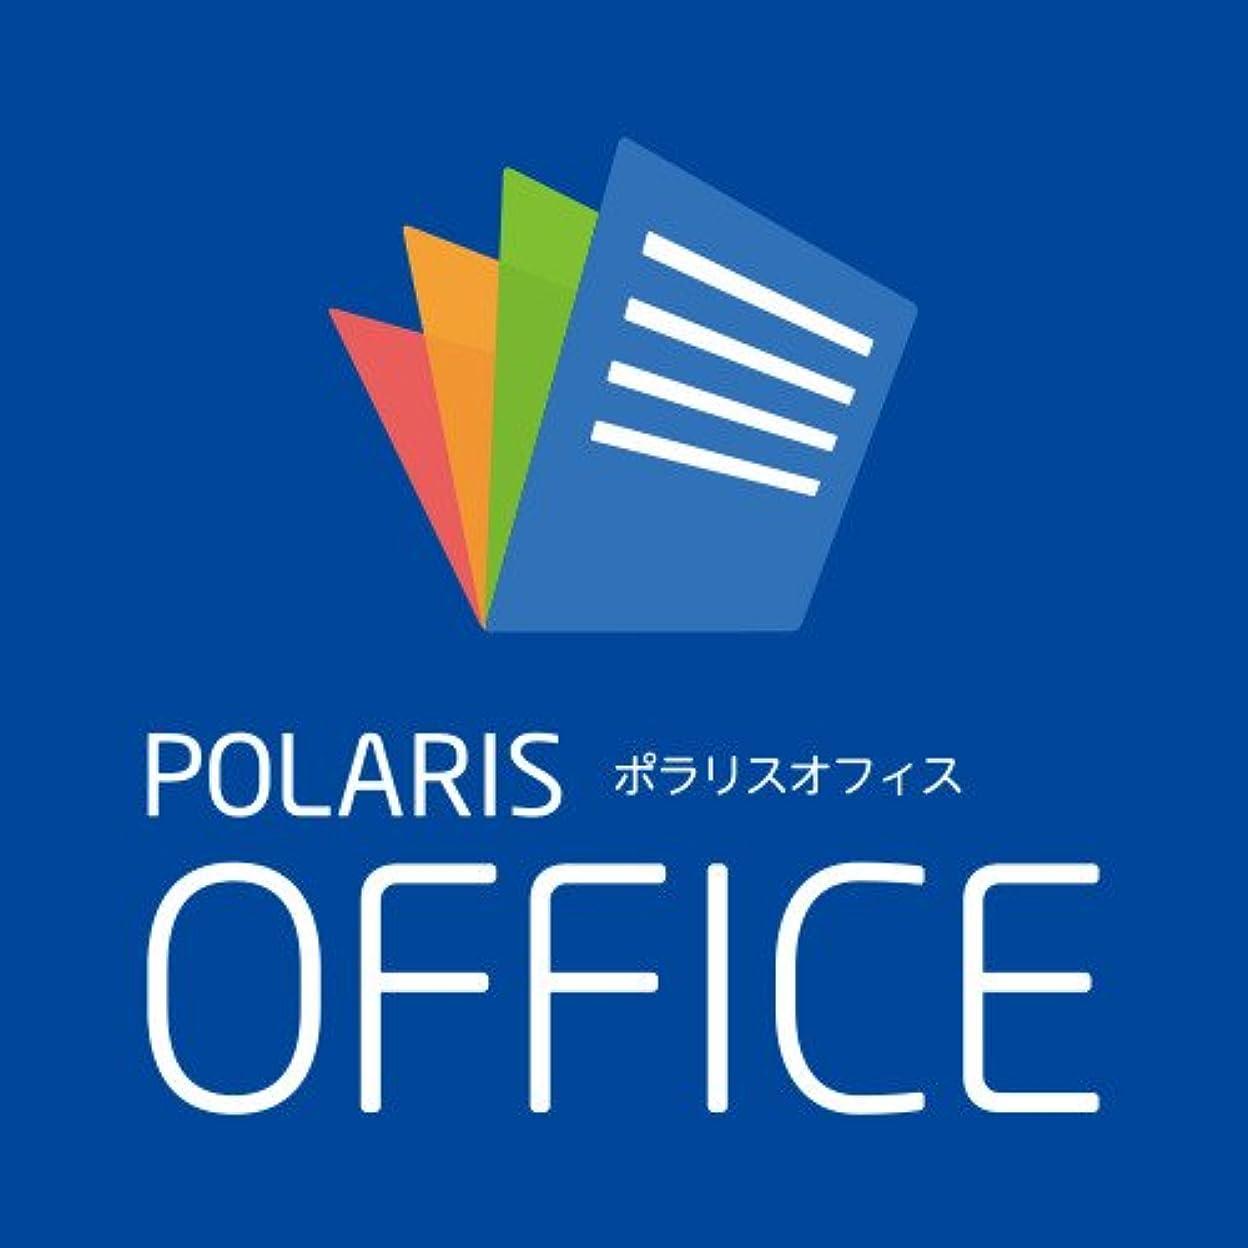 だます属性ブランクPolaris Office |ダウンロード版